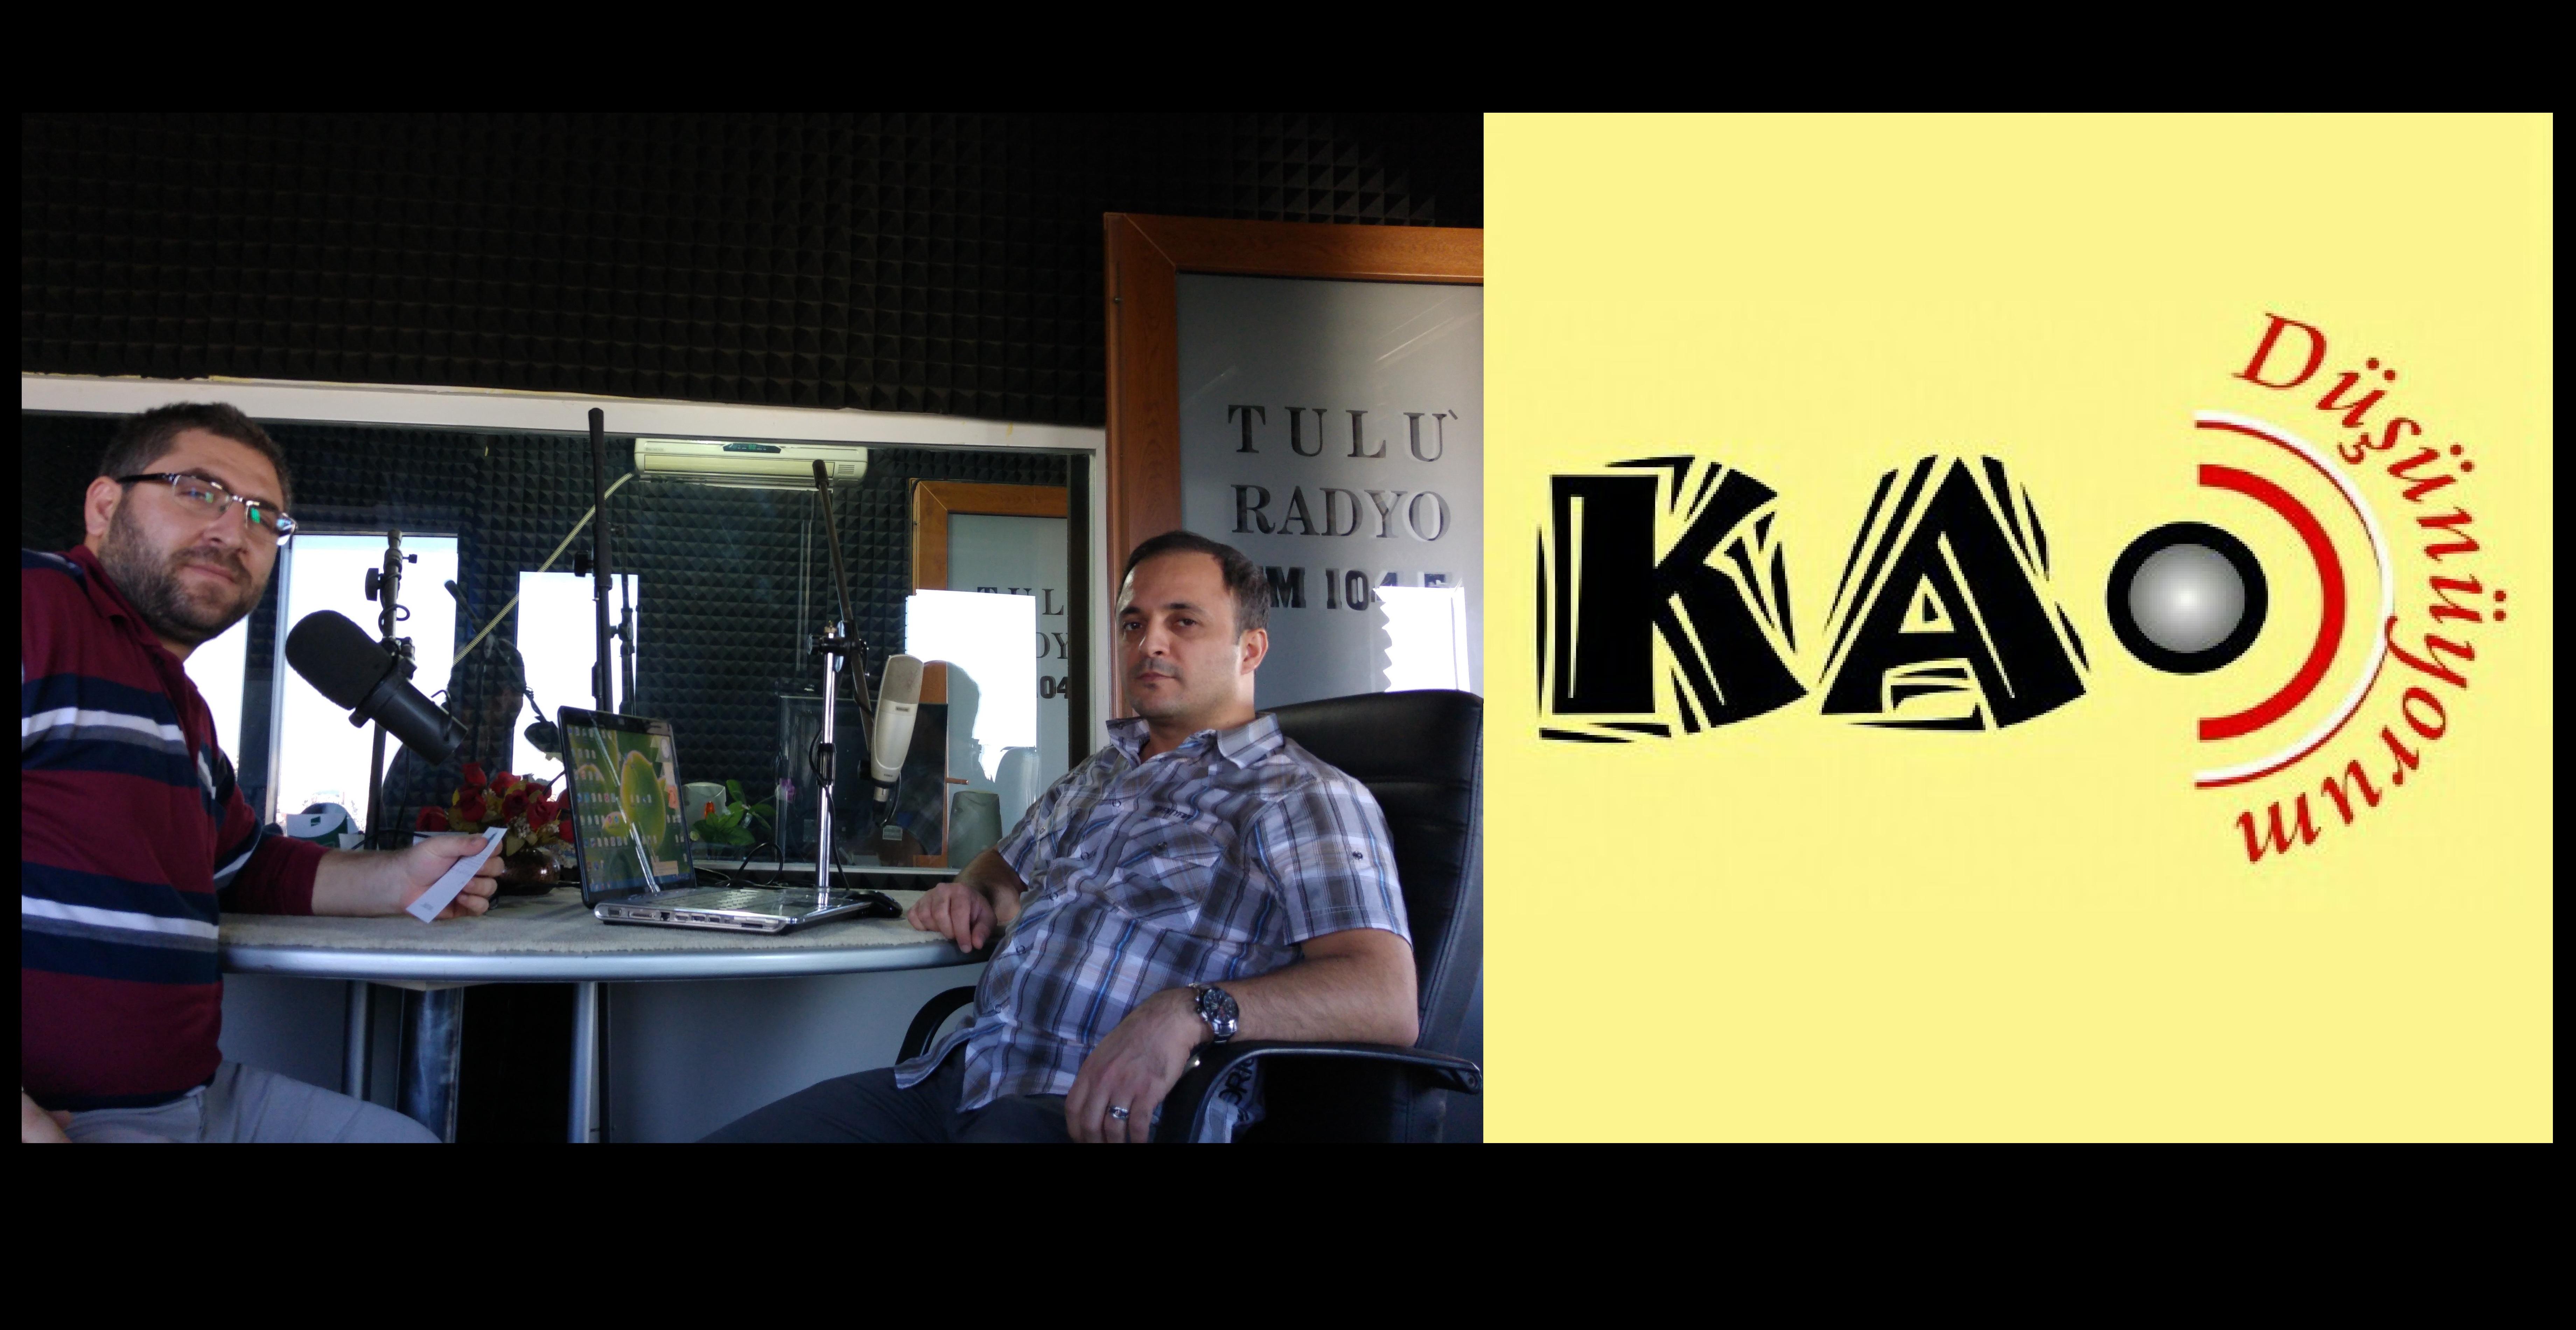 Kritik Analitik Düşünüyorum Radyo Programı (KADüşünüyorum)